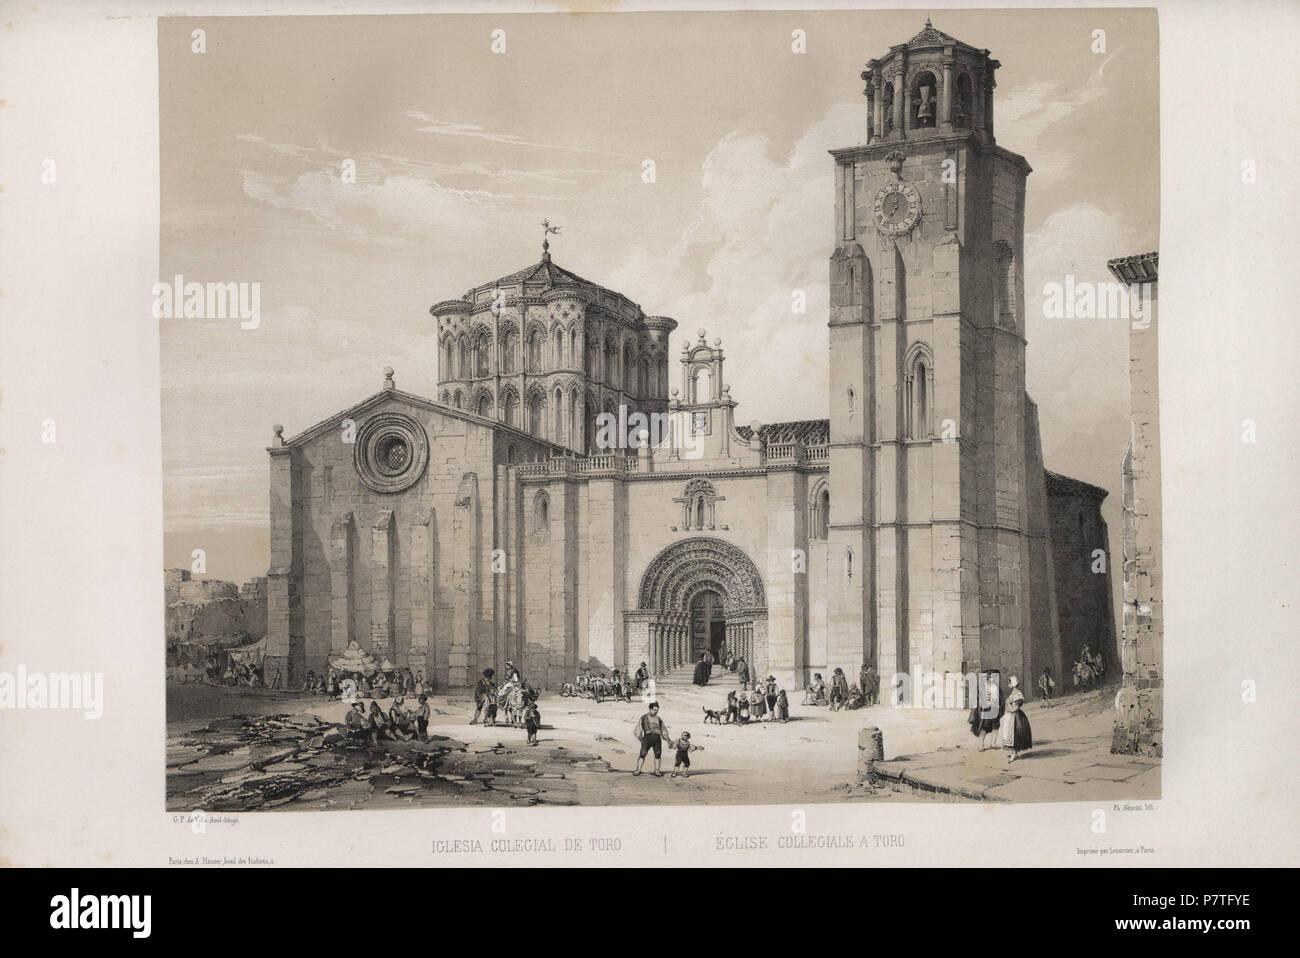 3 1844, España artística y monumental, vistas y descripción de los sitios y monumentos más notables de España, vol 2, la Iglesia colegial de Toro Imagen De Stock